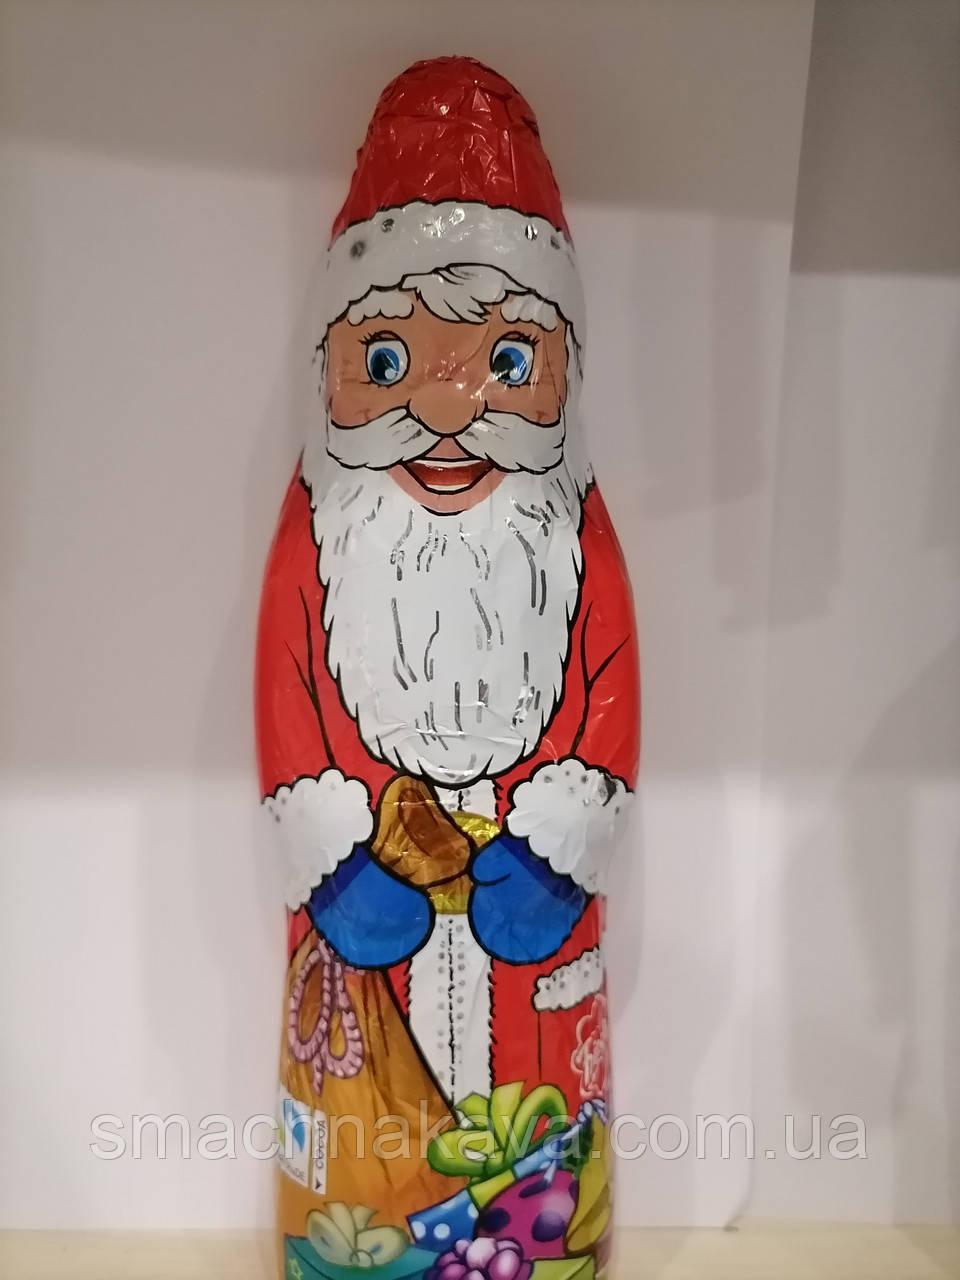 Шоколадный Дед Мороз 200 гр. Friedel (Германия)